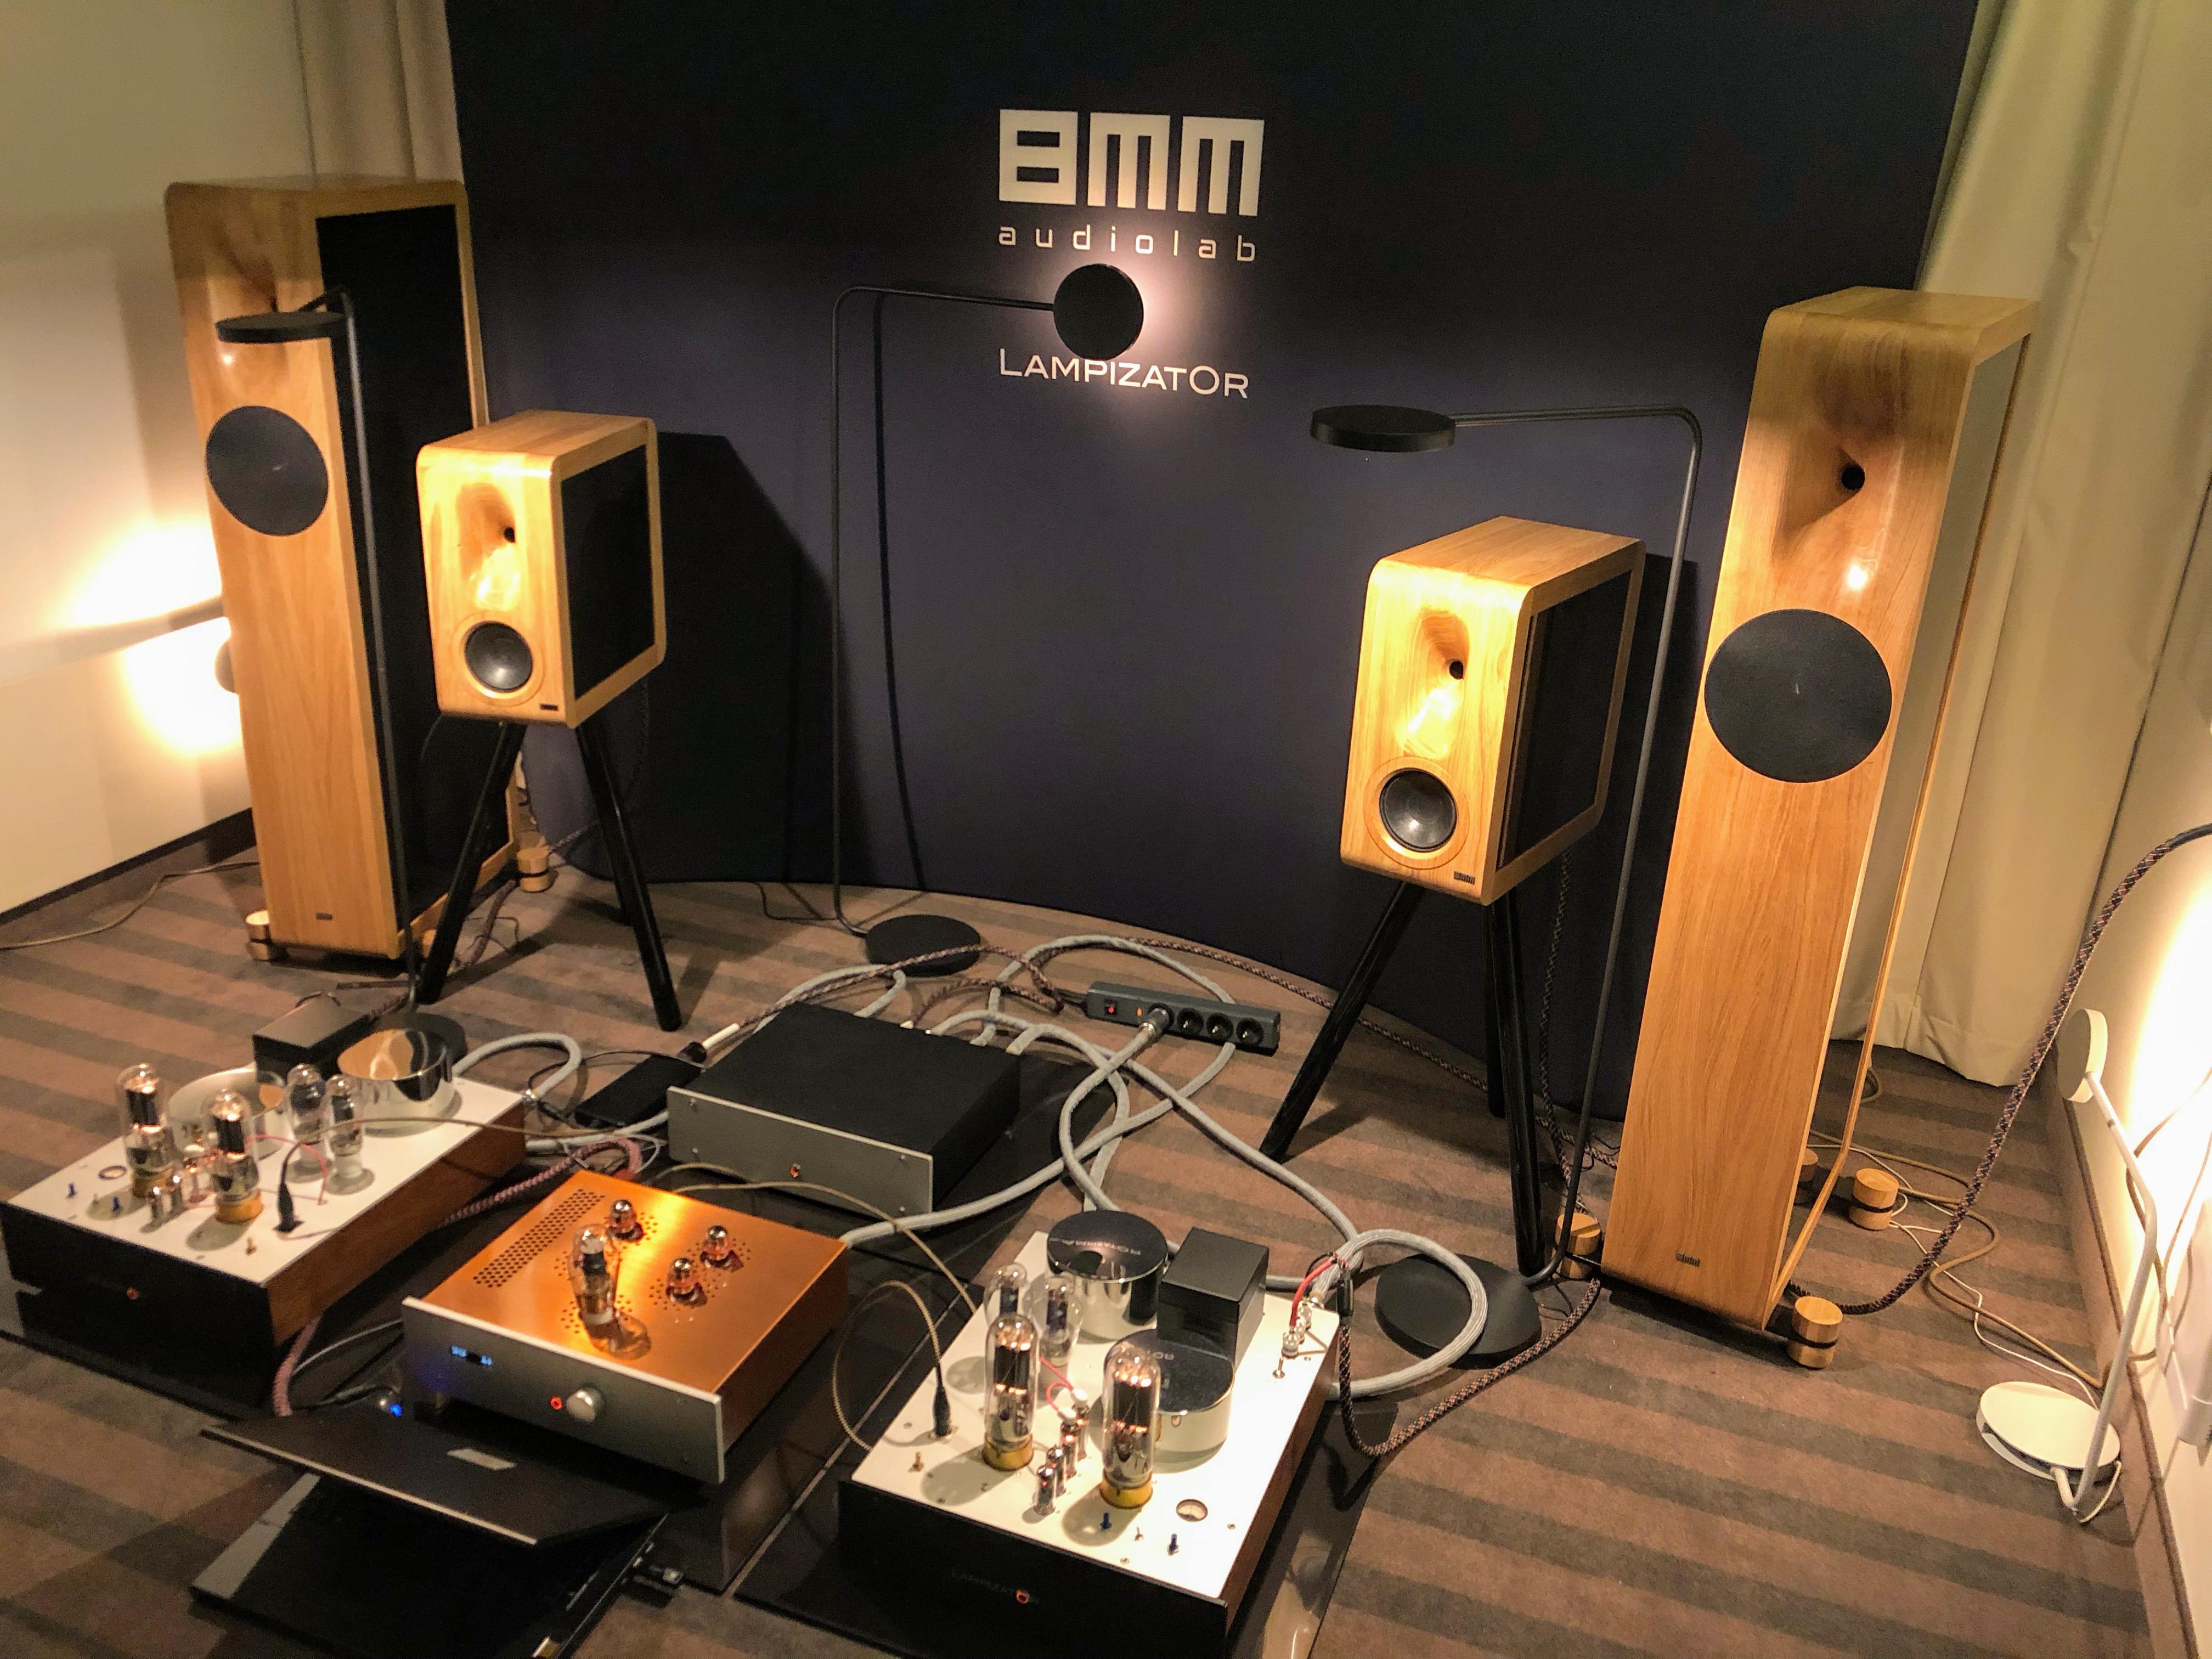 8MM Audiolab speakers and Lampizator valve euipment